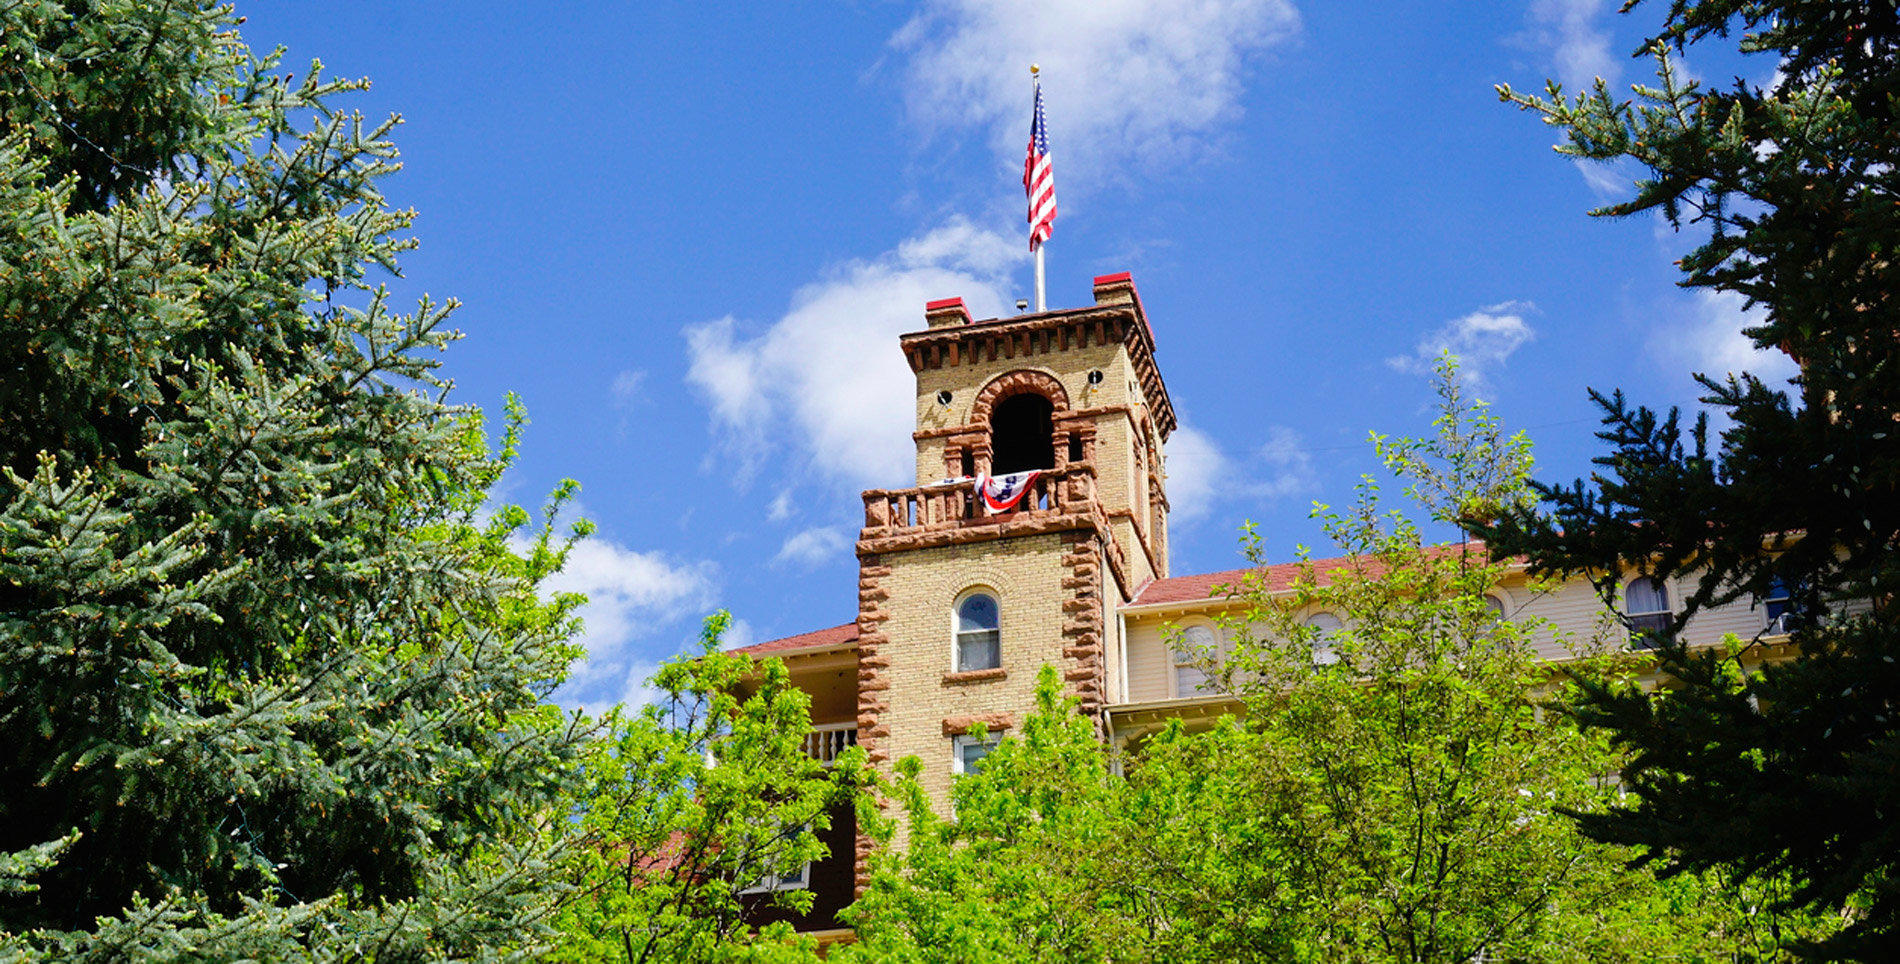 Hotel Colorado spire